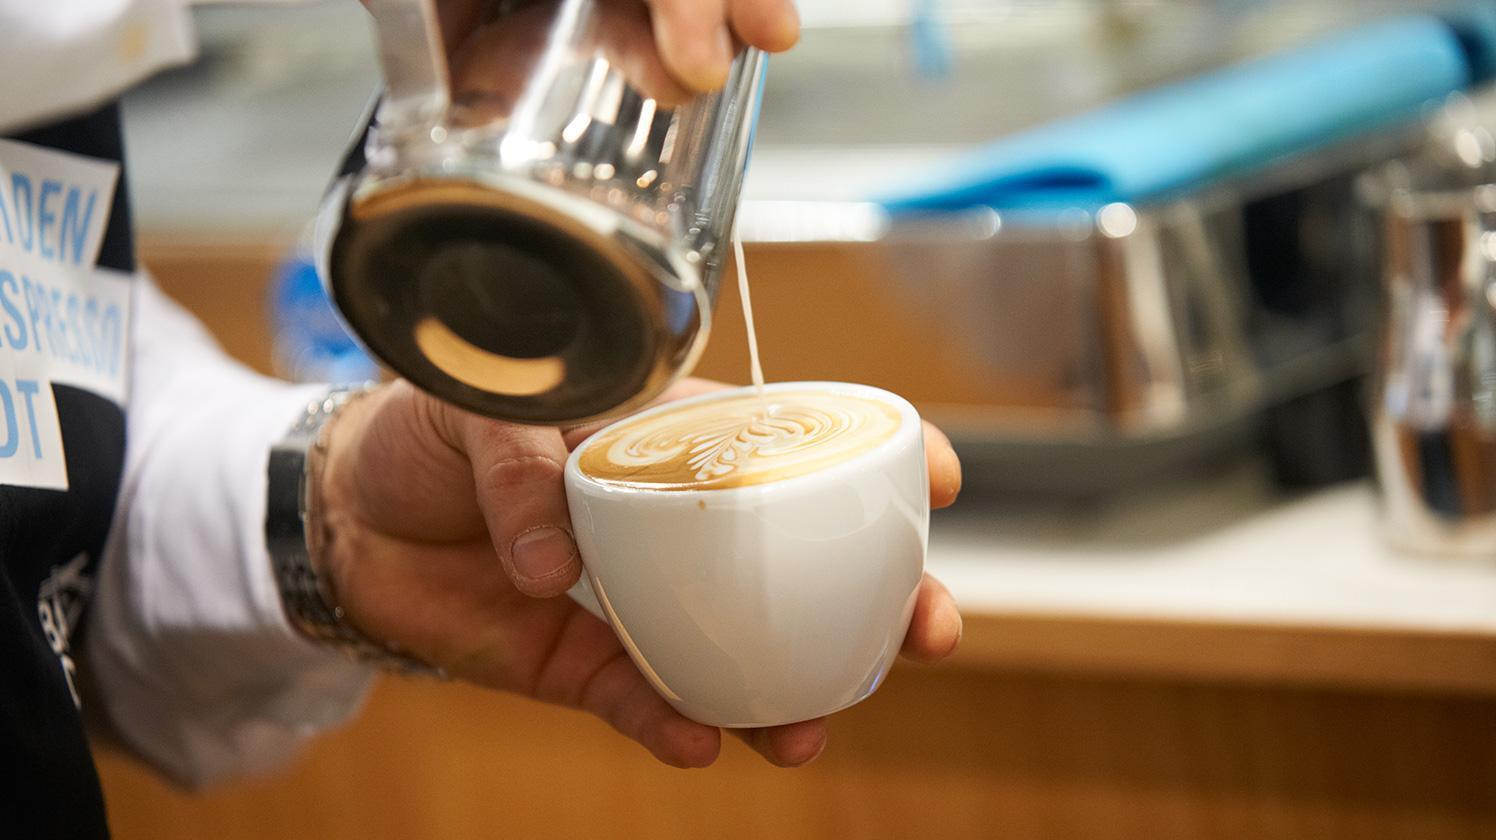 Filtr BRITA AquaGusto barista cappuccino